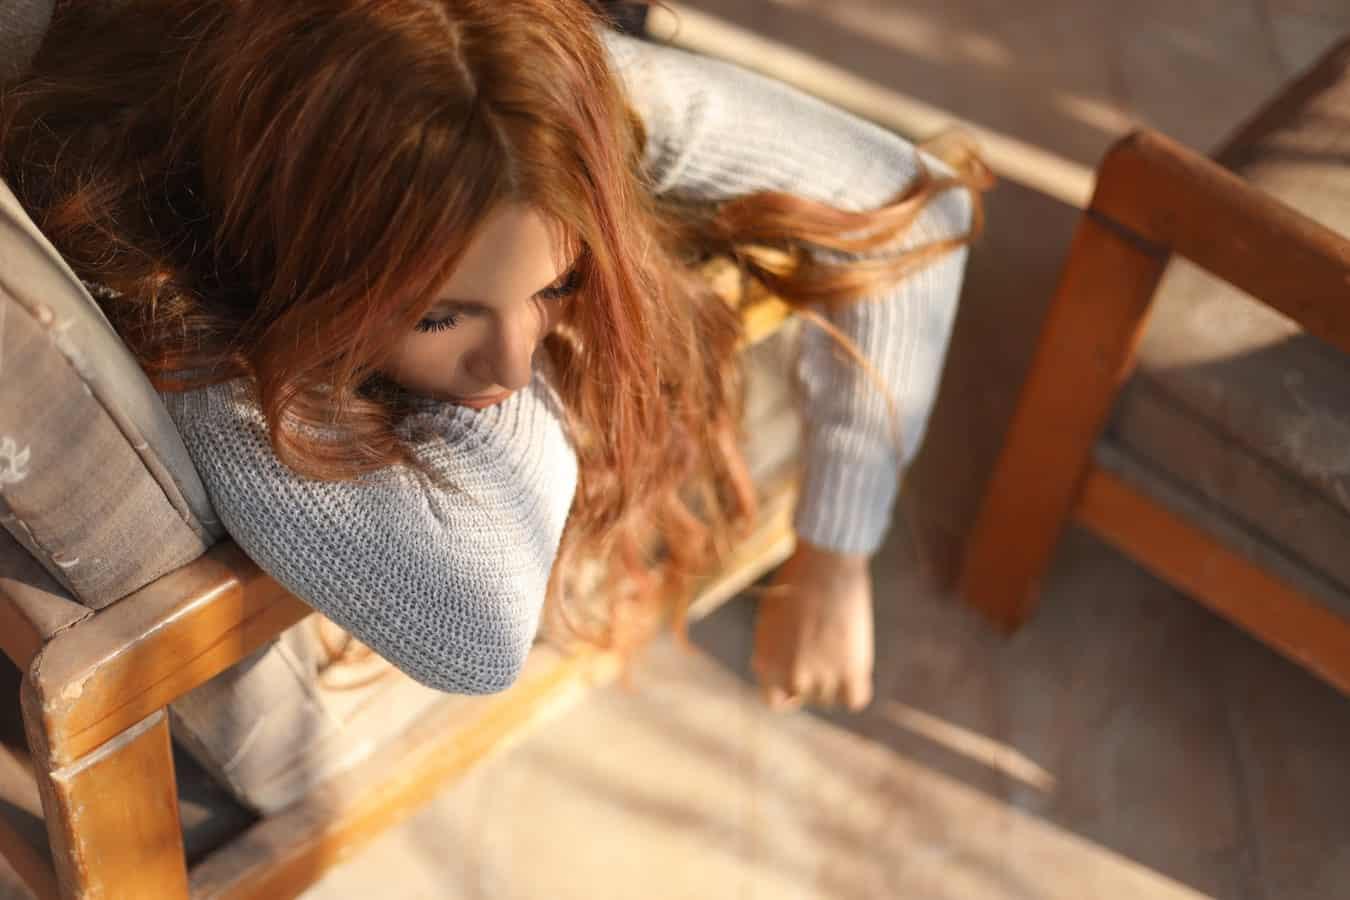 5 методов терапии сна для улучшения общего состояния здоровья и хорошего самочувствия